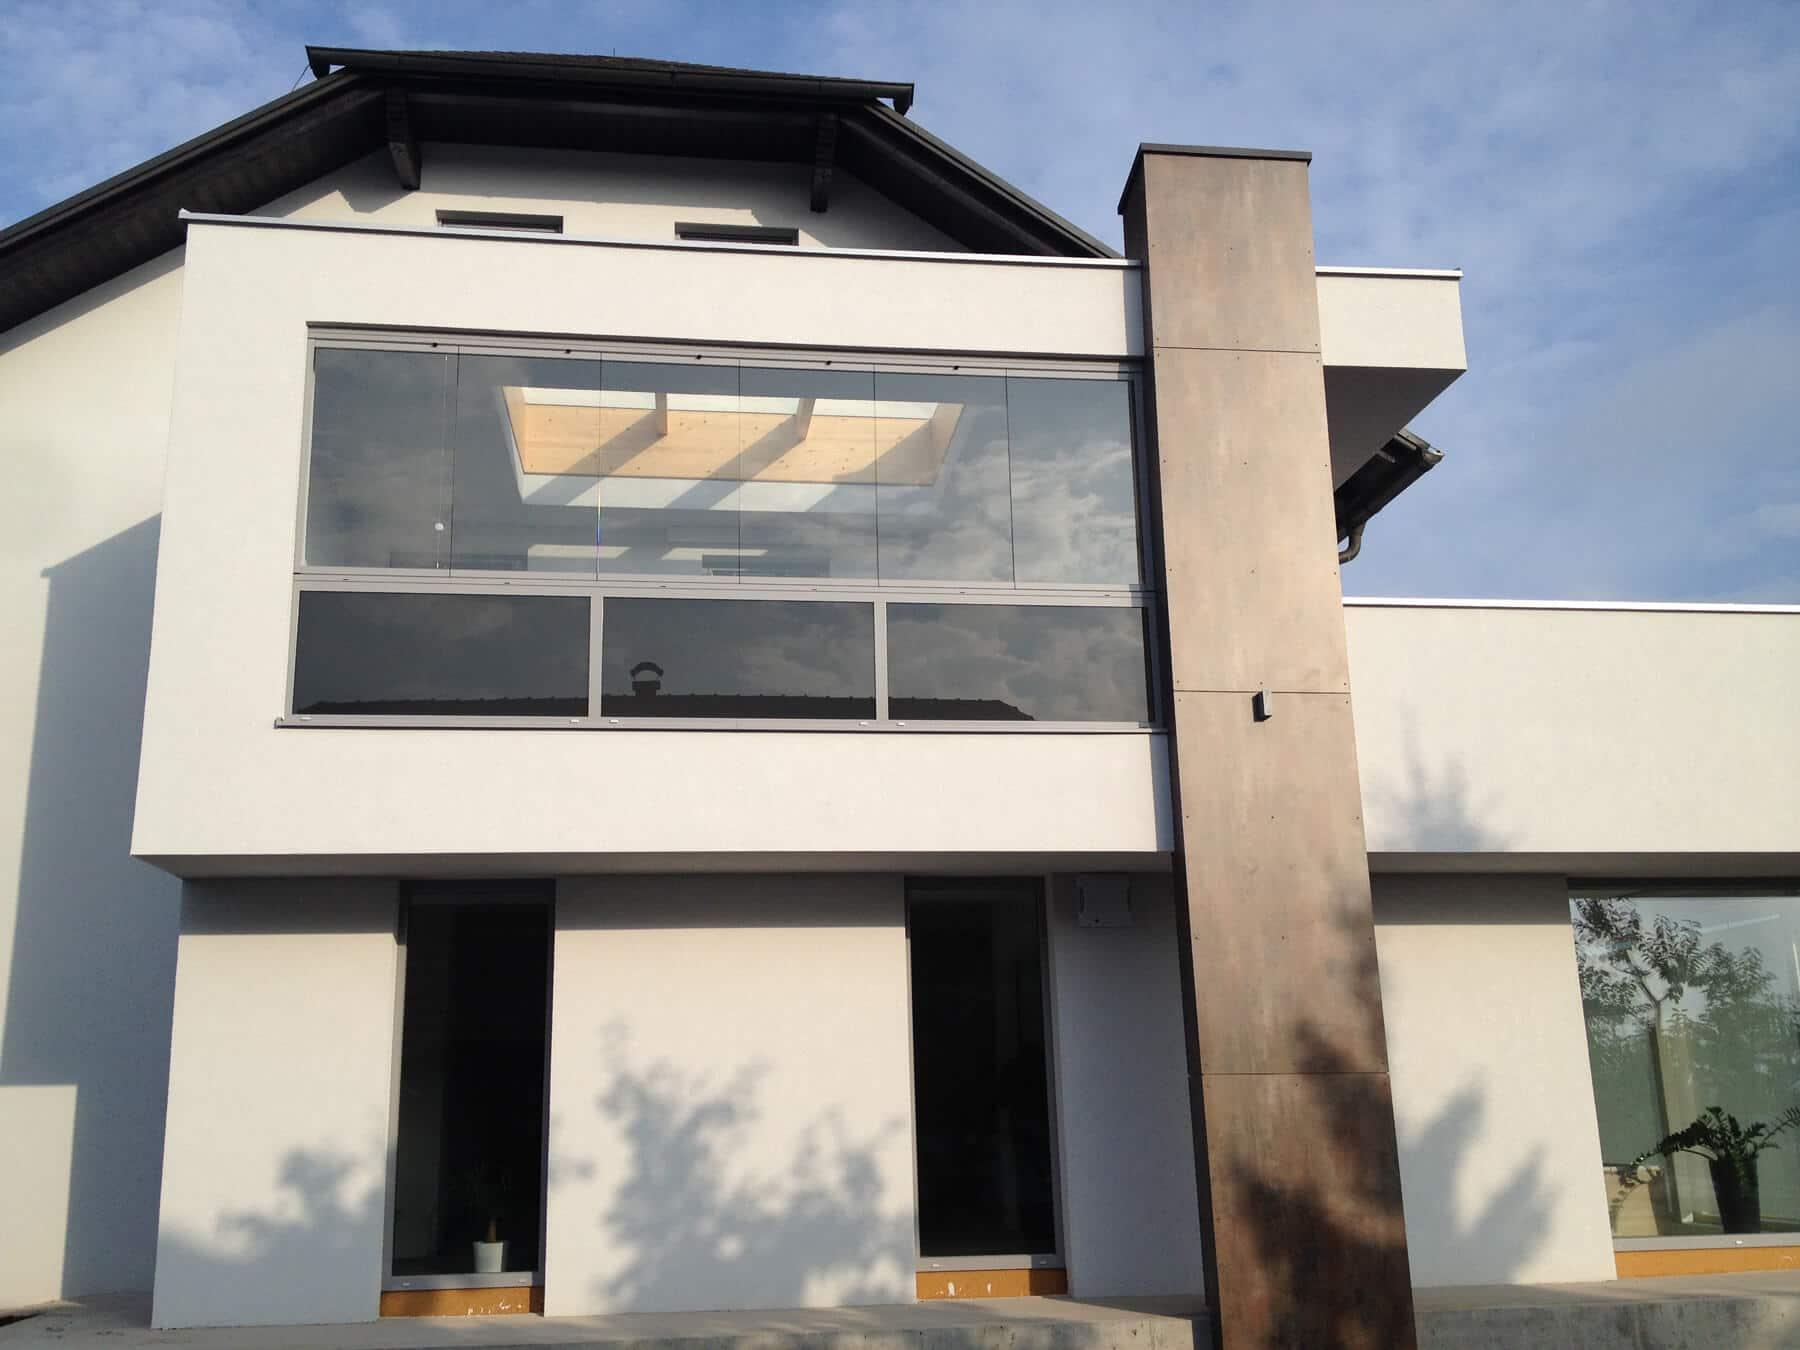 Balkonverbau zum Falten mit Sunflex SF 25 System